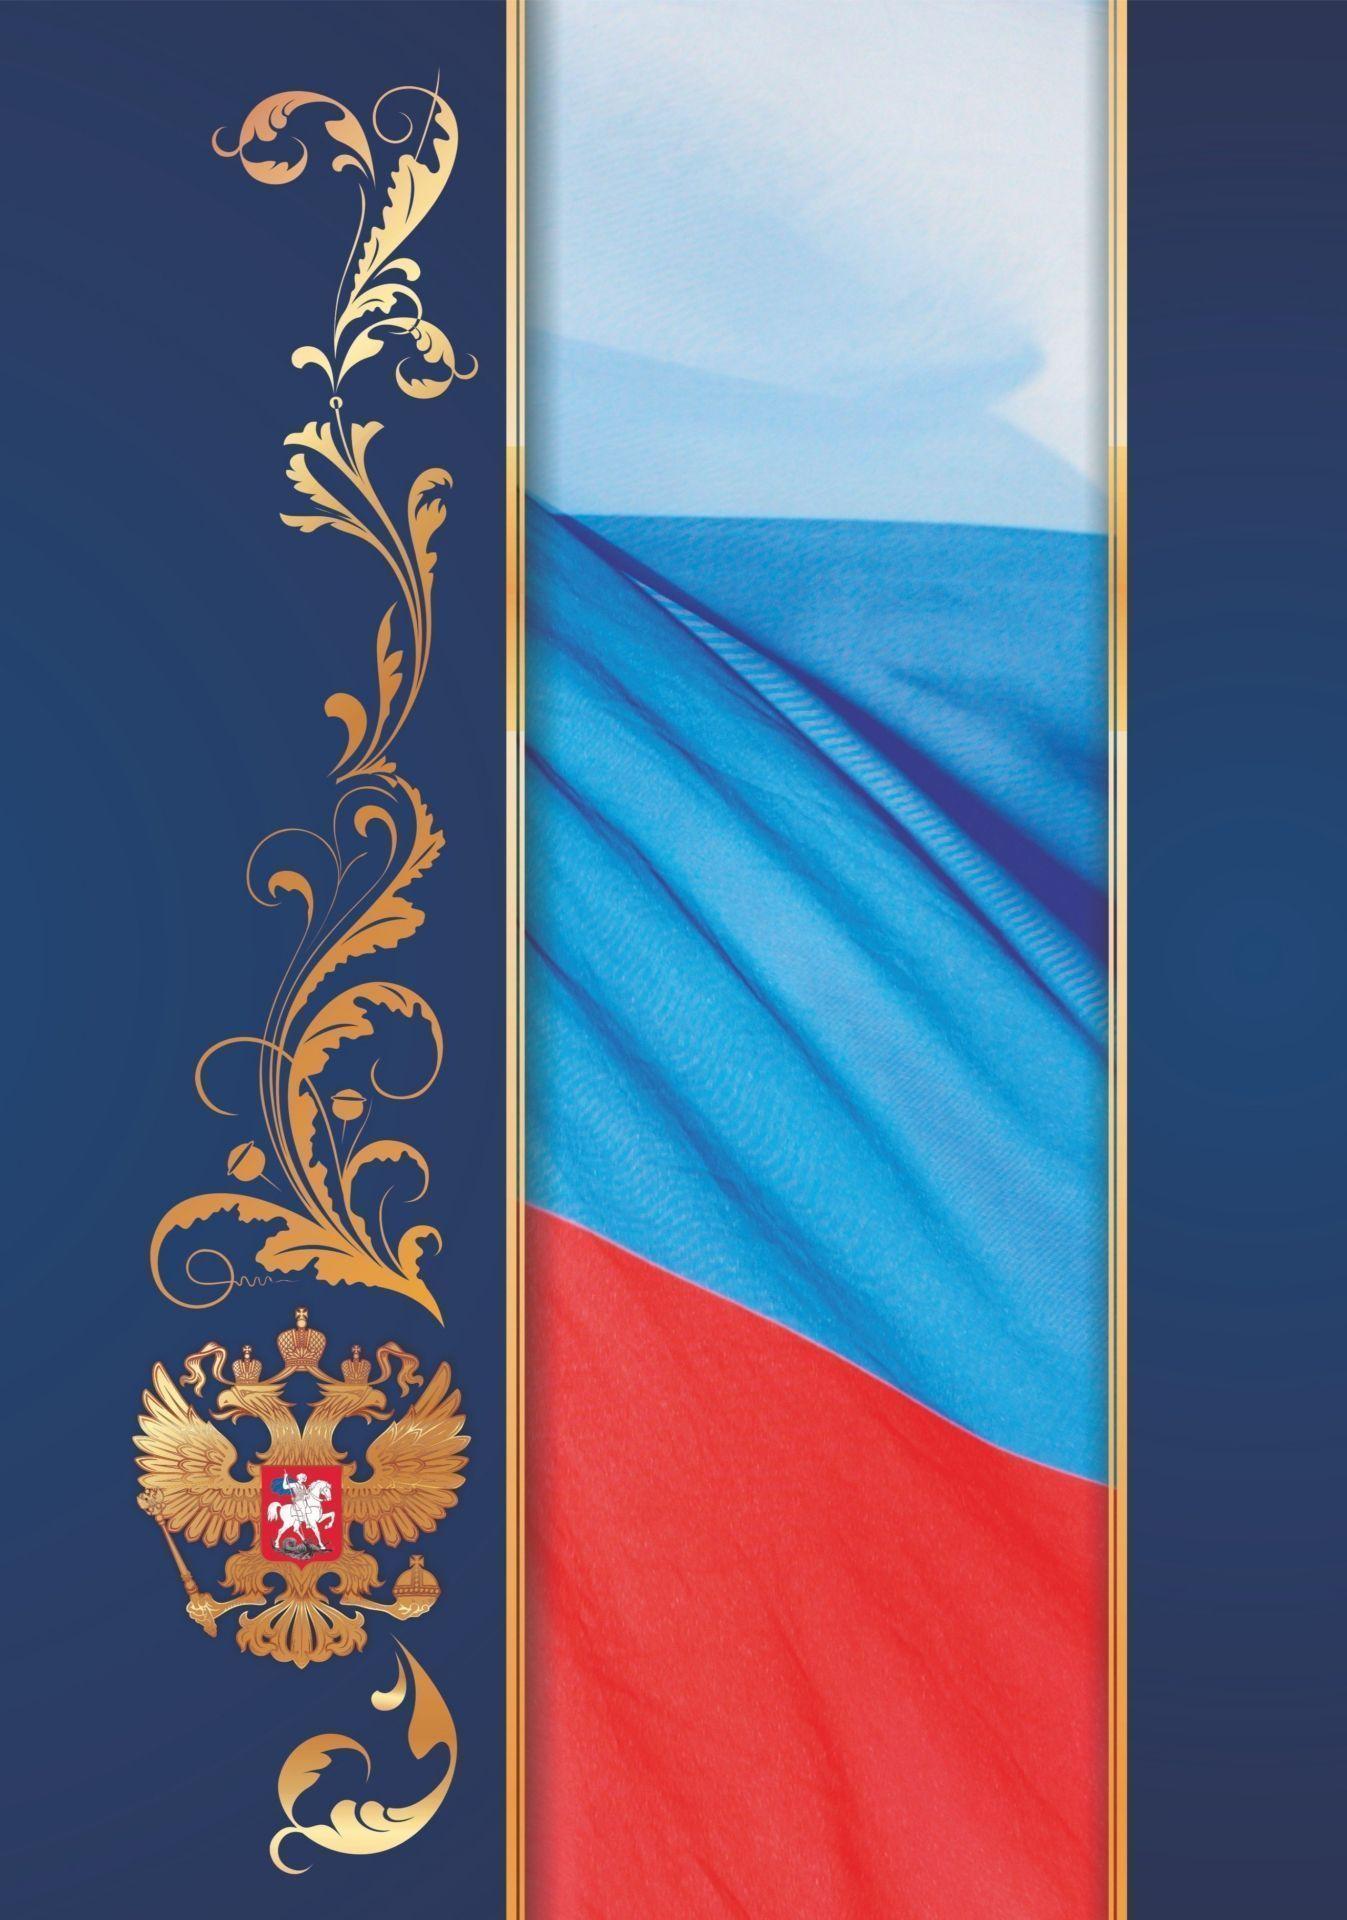 Адресная папка С российским флагомПапки адресные<br>Материалы:на обложку - бумага мелованная, пл. 130.00;на обложку - переплетный материал, пл. 2.00.<br><br>Год: 2017<br>Высота: 310<br>Ширина: 220<br>Переплёт: 7БЦ (твердый)